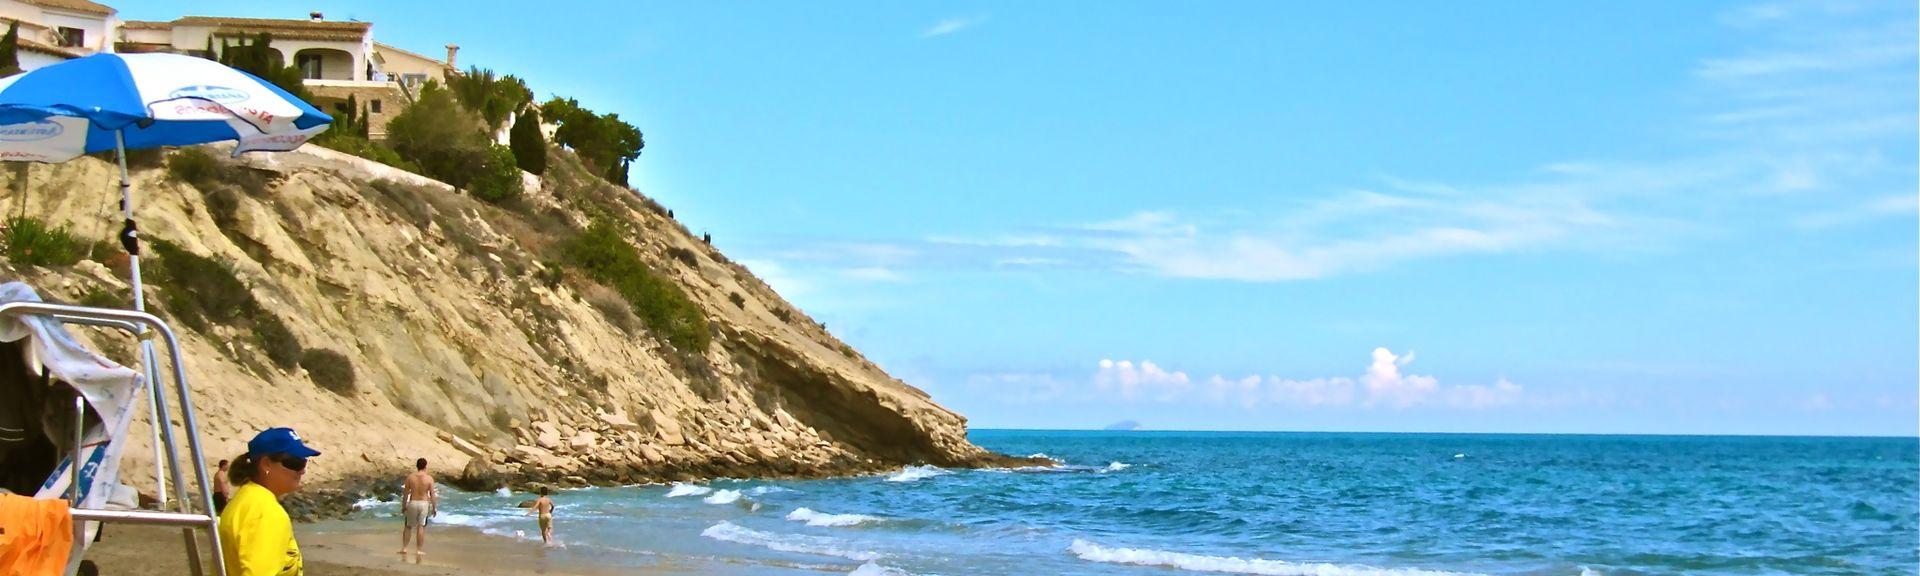 Playa de San Juan, Alacant, Walencja, Hiszpania